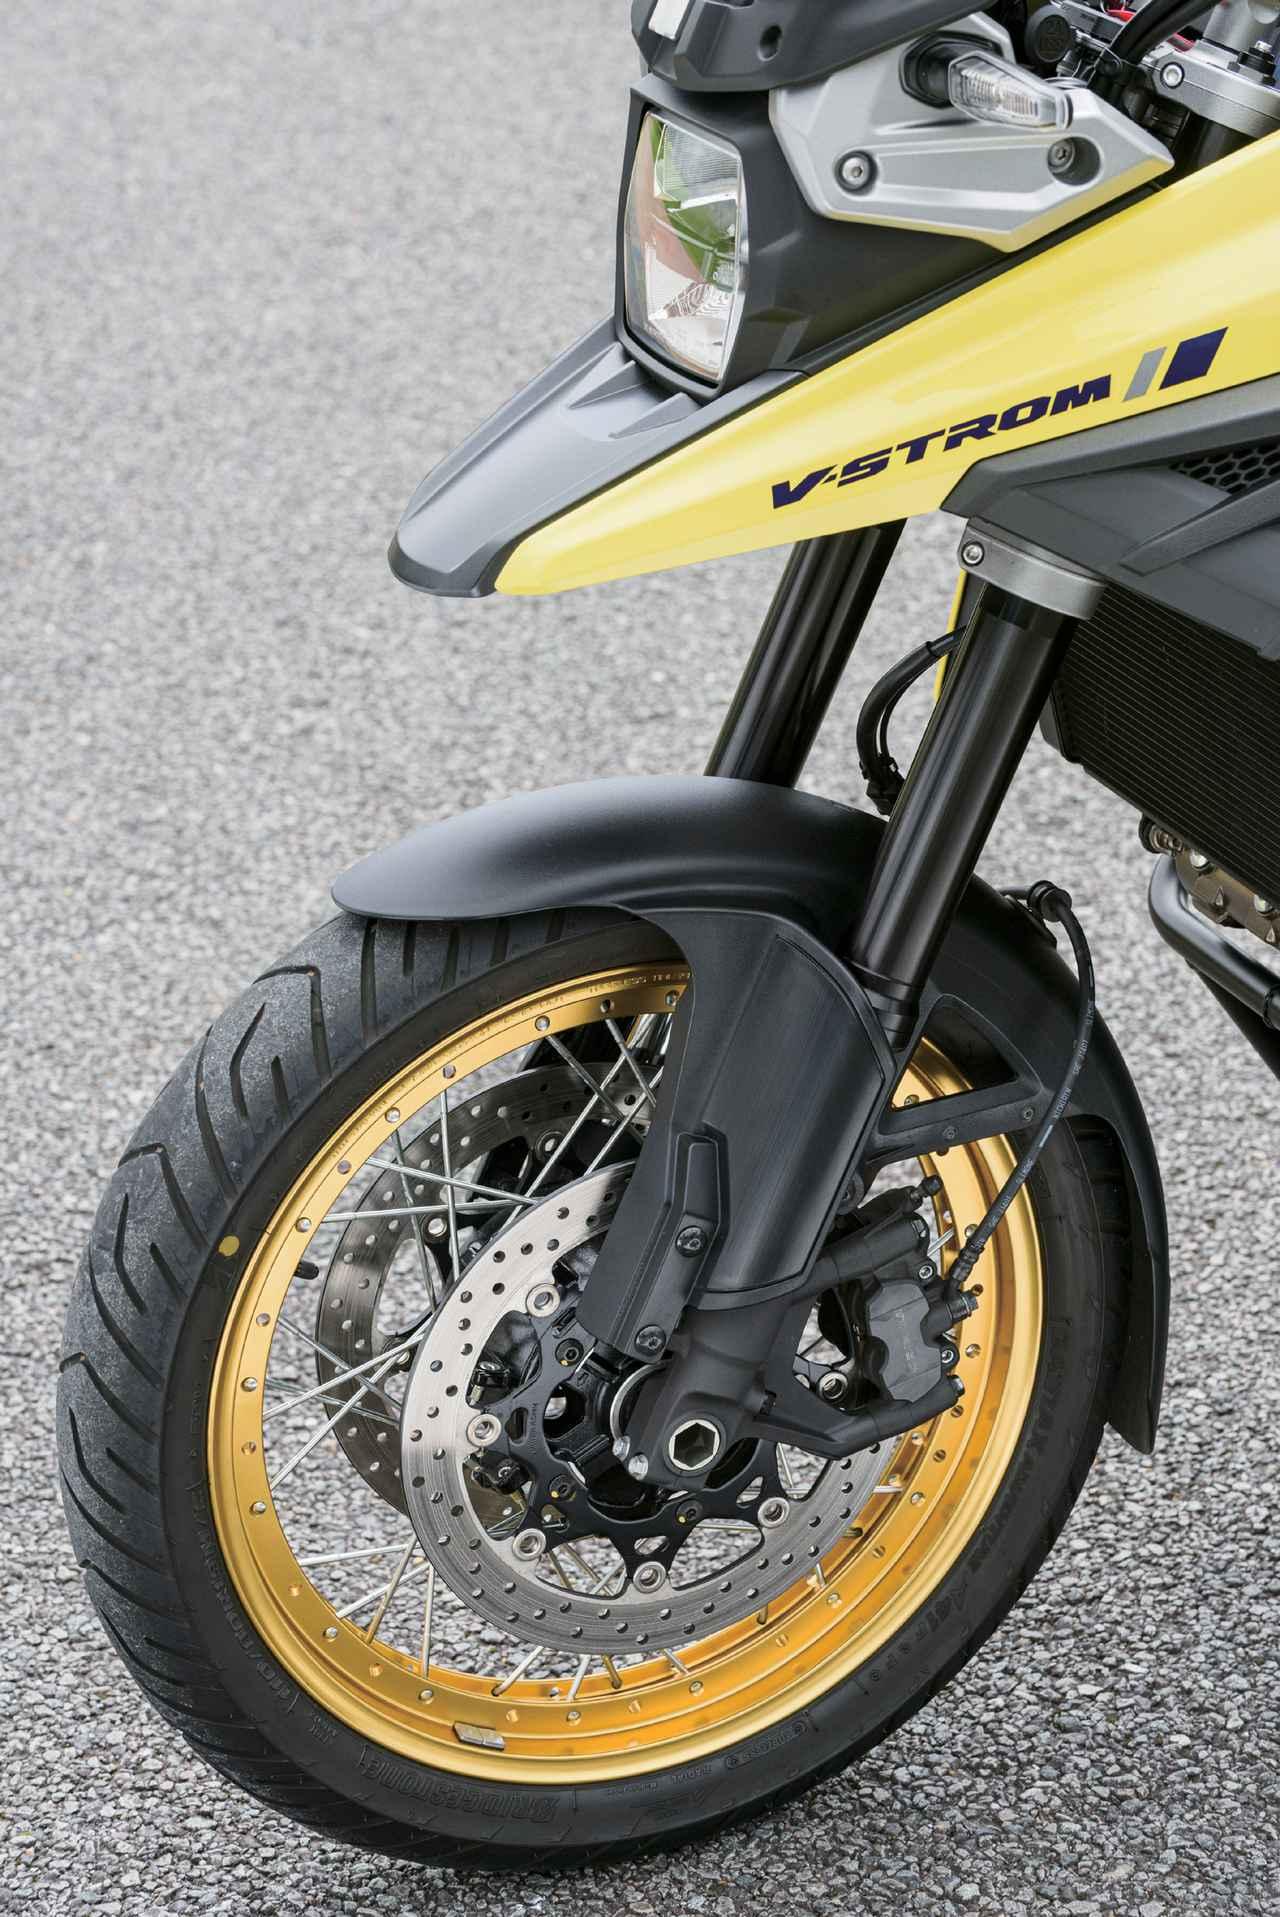 Images : 9番目の画像 - スズキ  Vストローム1050XT - webオートバイ